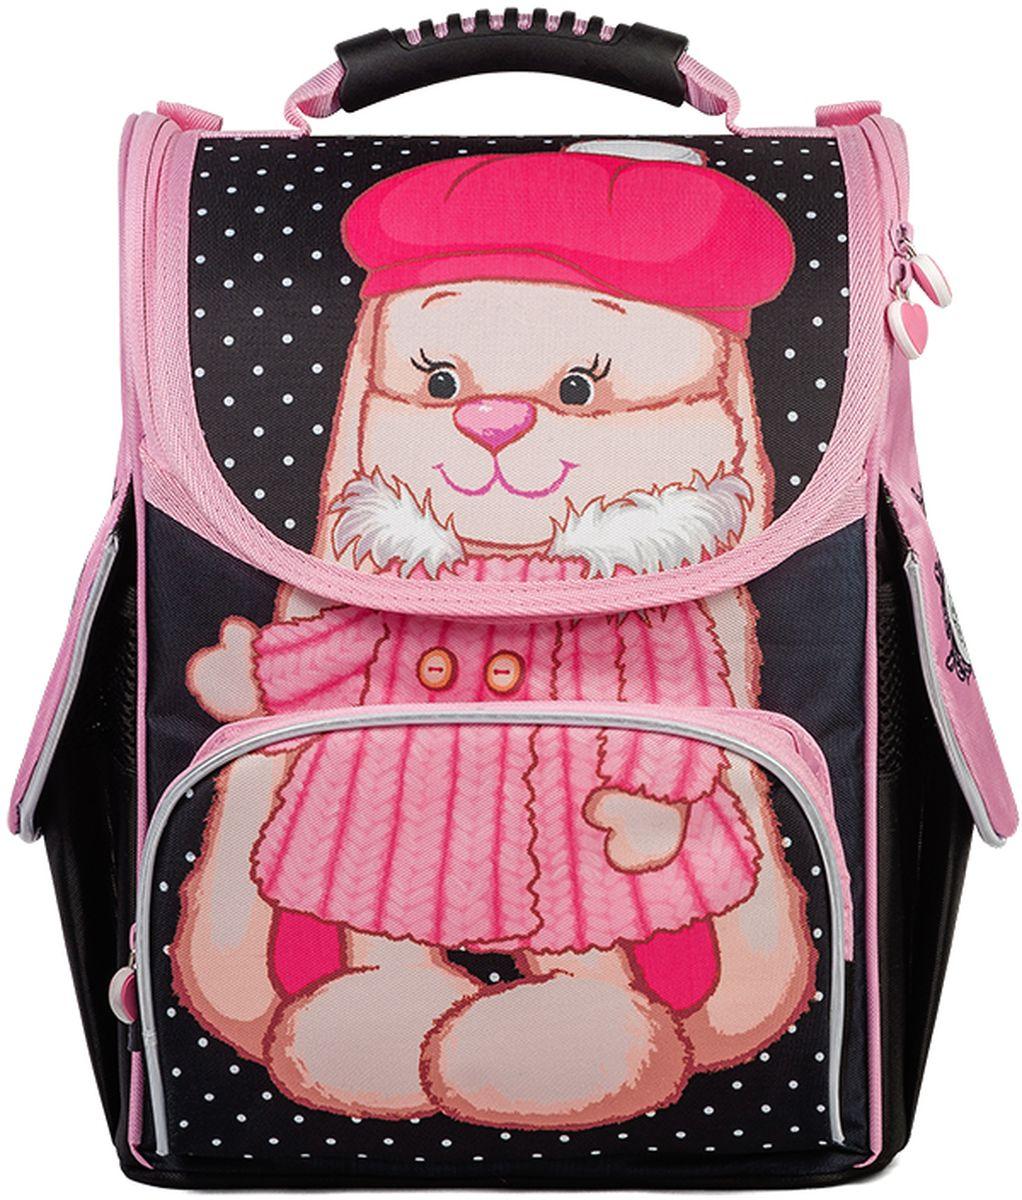 Maxitoys Рюкзак Зайка Лин в шубкеJL-102017-1Школьный рюкзак-ранец Зайка Лин в Шубке - отличный выбор для девочек, обучающихся в начальной школе. Яркий и красивый рисунок в виде очаровательной Зайки Лин в зимней шубке и розовой шапочке, резиновые пуллеры-сердечки обязательно понравятся вашему ребенку. Рюкзак состоит из одного основного вместительного отделения на молнии, оснащенного внутренним разделителем для учебников и тетрадей, одного внешнего кармана на молнии и двух боковых карманов, закрывающихся верхним клапаном с липучкой. Пластиковые ножки защитят дно от загрязнений. Жесткий каркас и усиленная спинка позволят максимально правильно распределить нагрузку на позвоночник ребенка. Светоотражающие элементы на переднем и боковых карманах, а также светоотражающий цветочек на лямках рюкзака обеспечат безопасность ребенка на дороге в темное время суток. Вместе с рюкзаком можно приобрести мешок для обуви Заяц Жак и Зайка Лин в Зимней Одежде JL-102017-3 с соответствующим рисунком. Размер рюкзака: 34 х 26 х 14 см. Вес: 0,93 кг. Состав: 100% полиэстер.